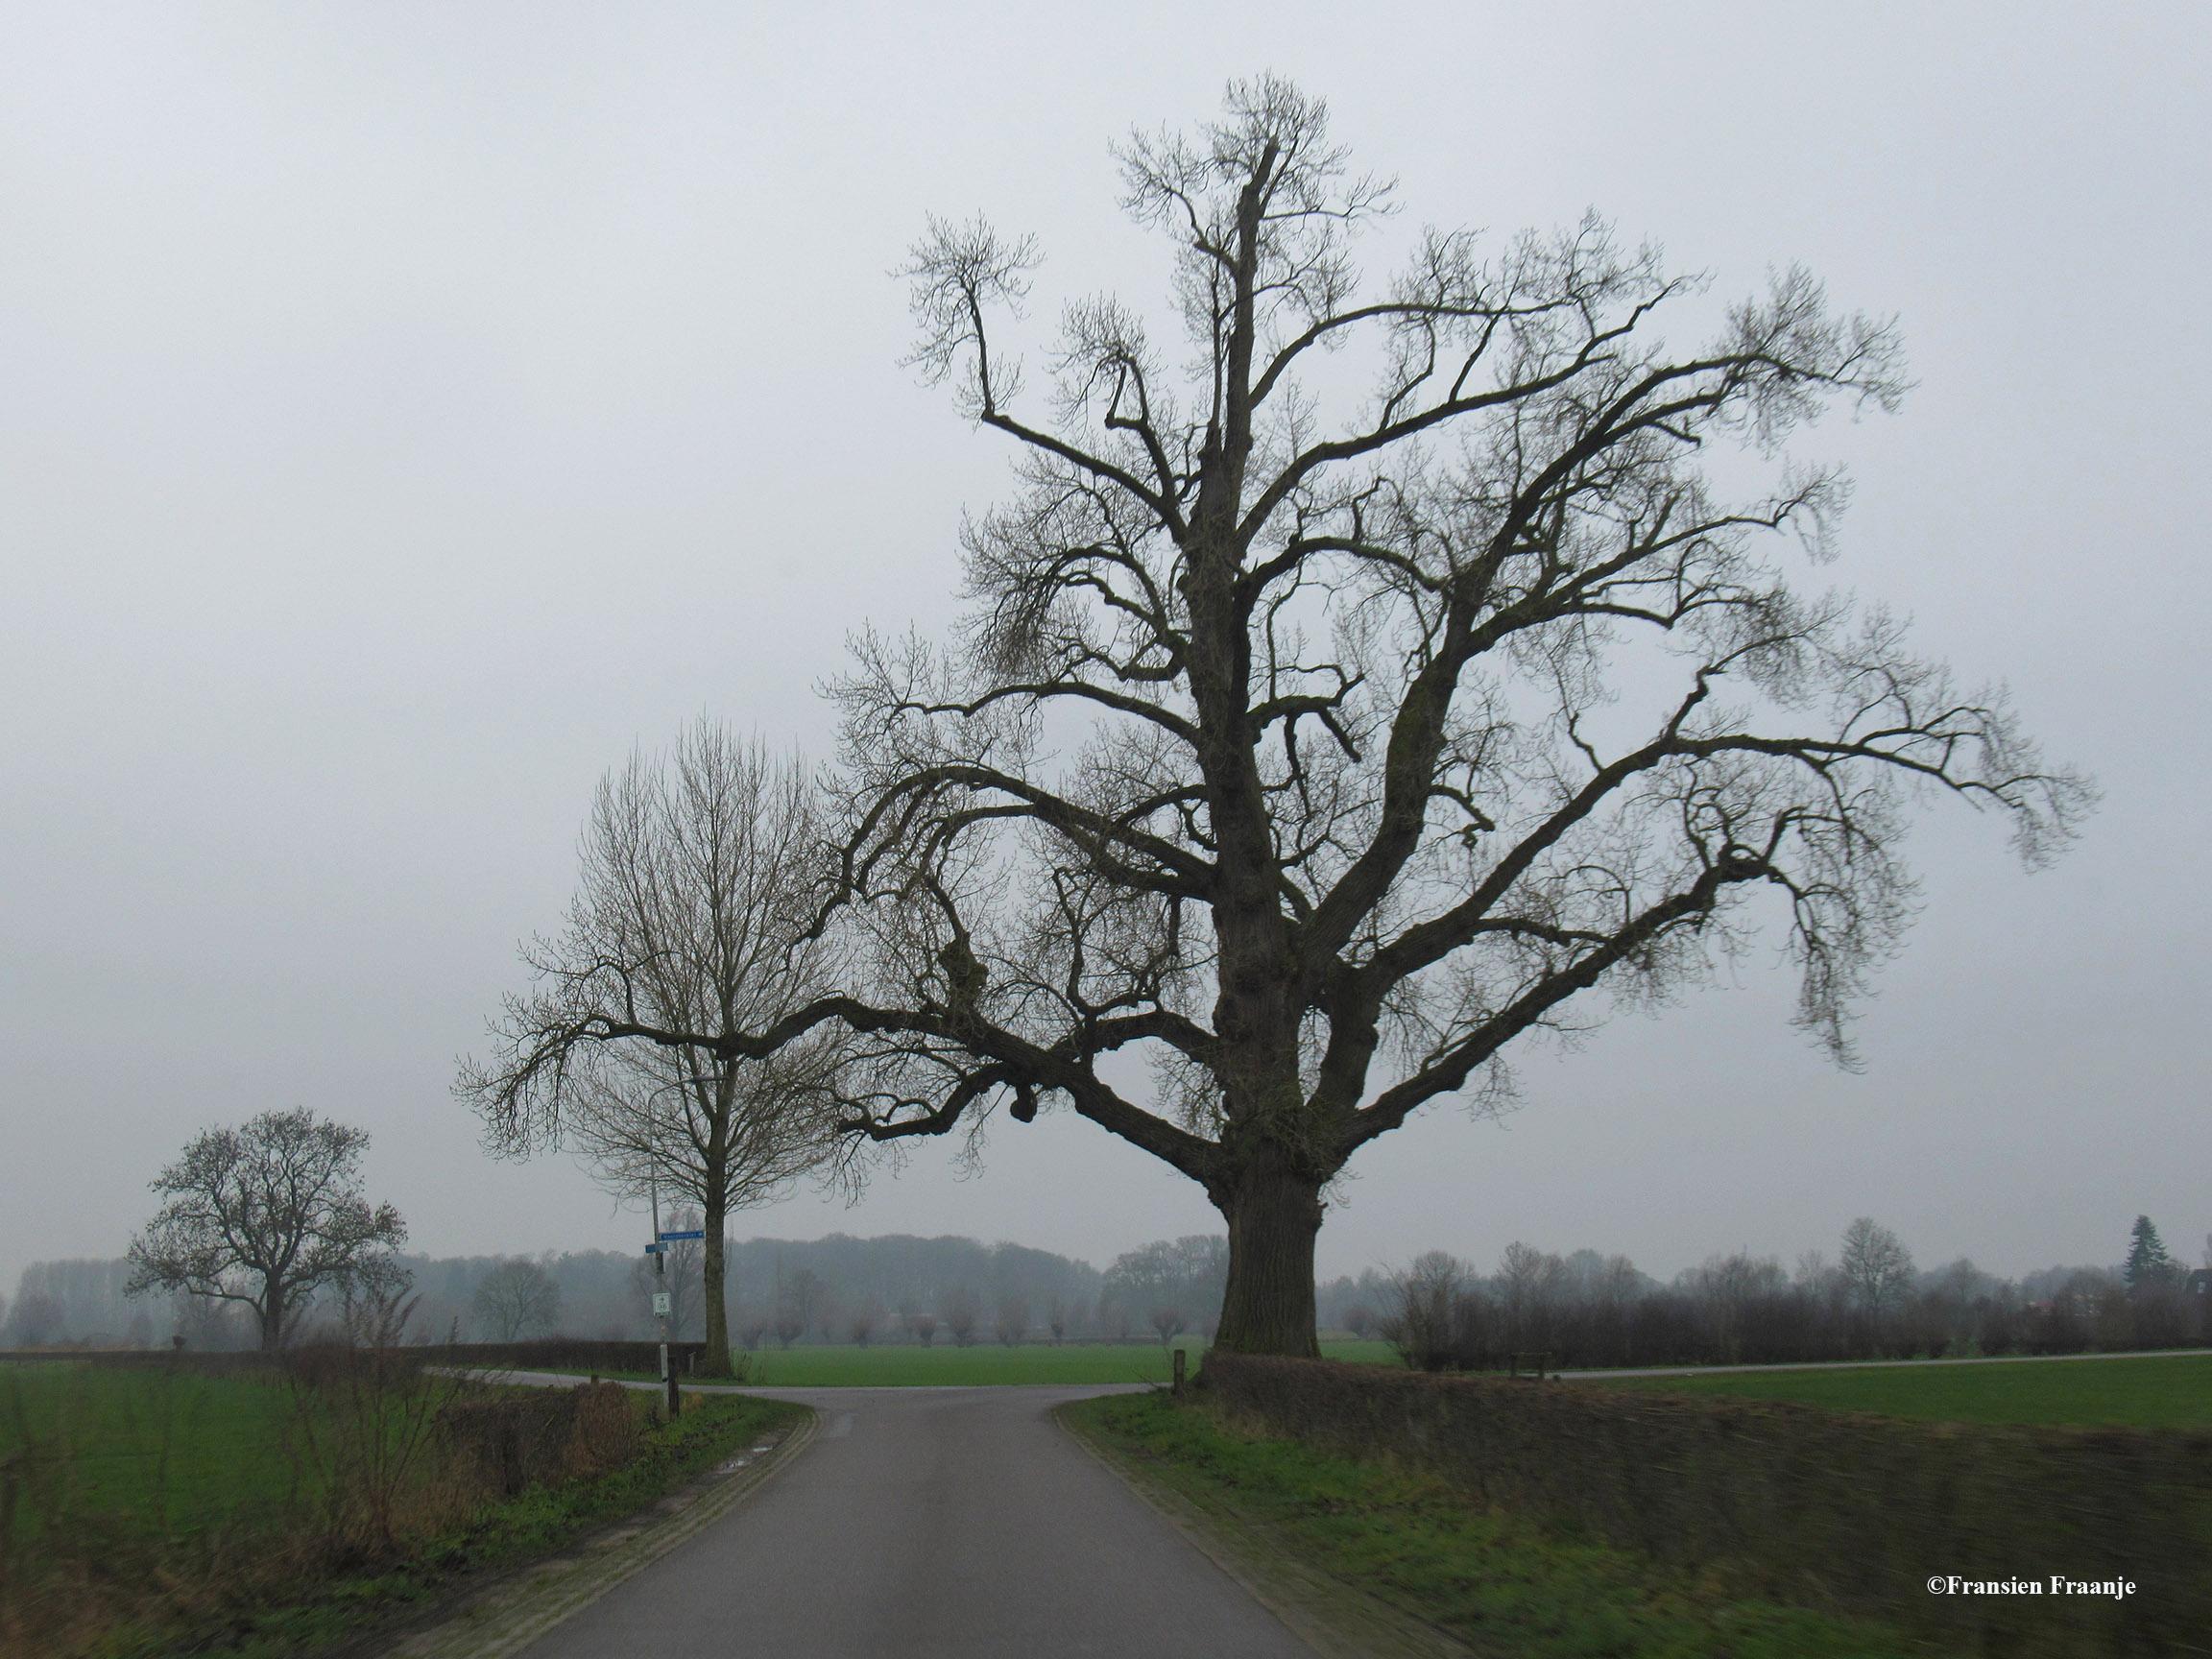 In de Voorsterklei, vlak bij het fraaie kerkdorpje Voorst, staat een Zwarte Populier (Populus nigra) . Dit is een vertegenwoordiger van de oorspronkelijke, wilde Europese soort, die in Nederland bijna was uitgestorven. Dit markante exemplaar in de Voorster klei, met een hoogte van 26 meter en een omtrek van 500 cm (aug. 2002), is waarschijnlijk ruim 100 jaar oud. - Foto: ©Fransien Fraanje